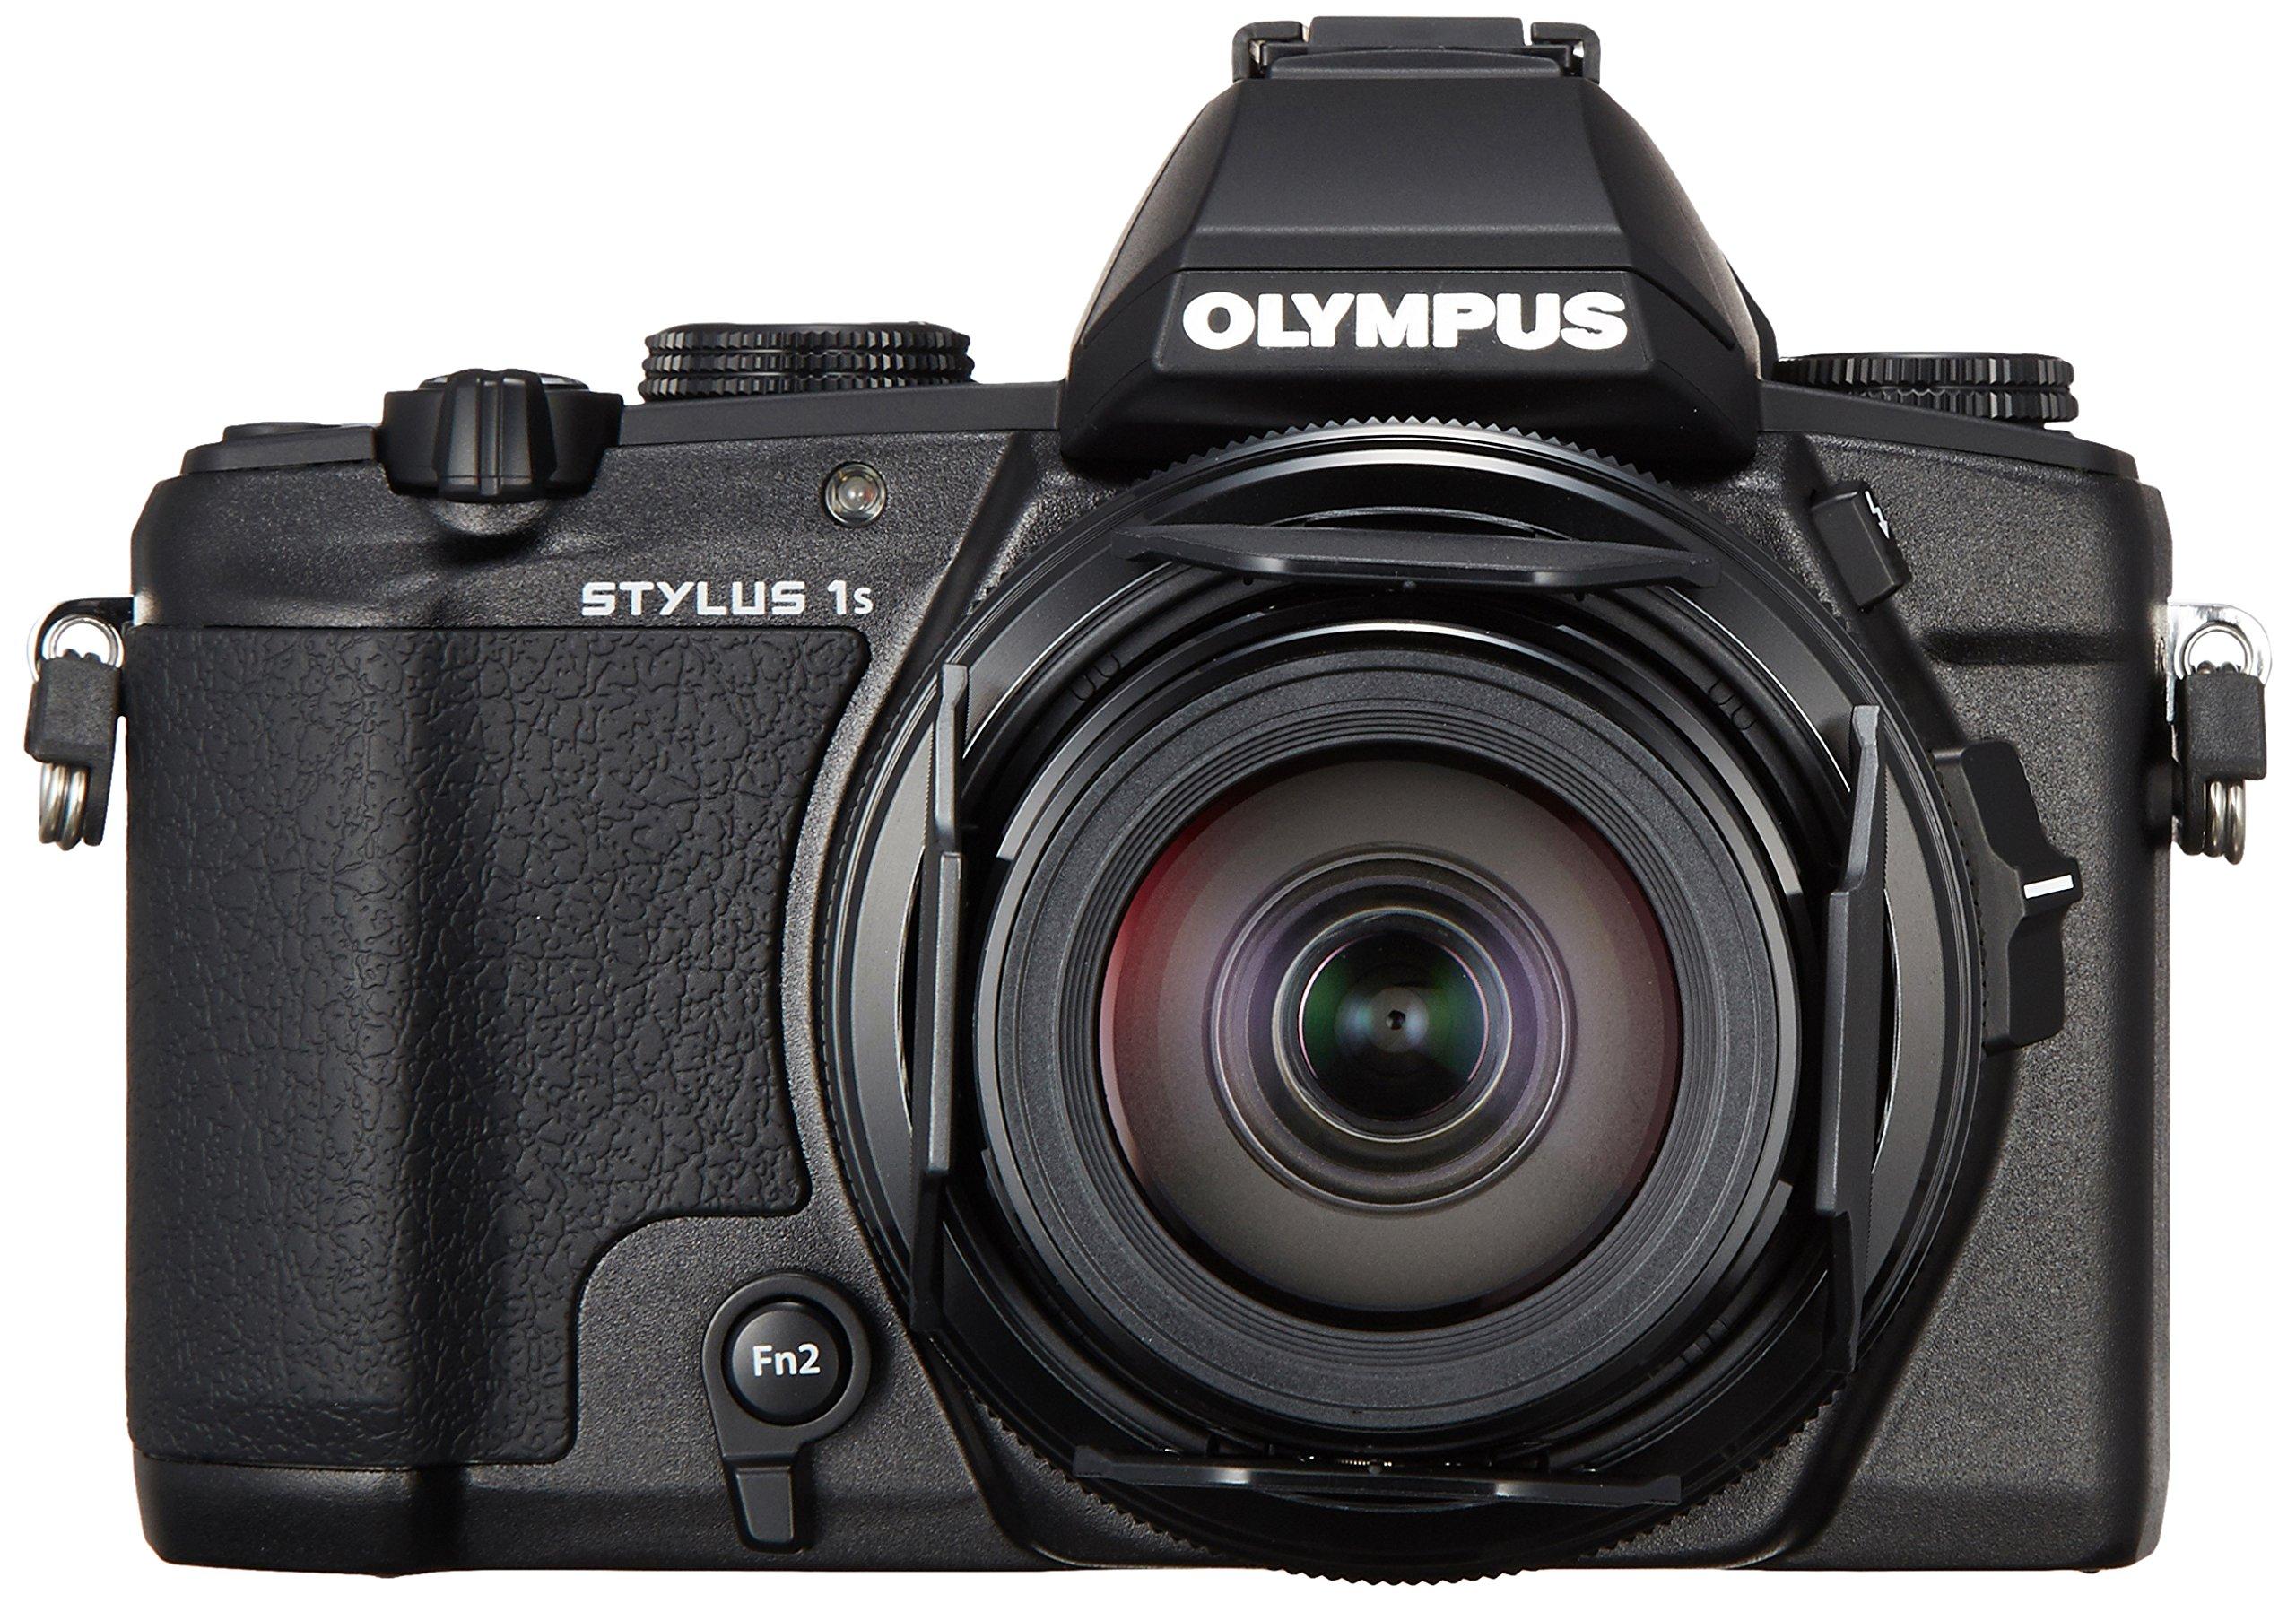 OLYMPUS デジタルカメラ STYLUS-1Sのサムネイル画像